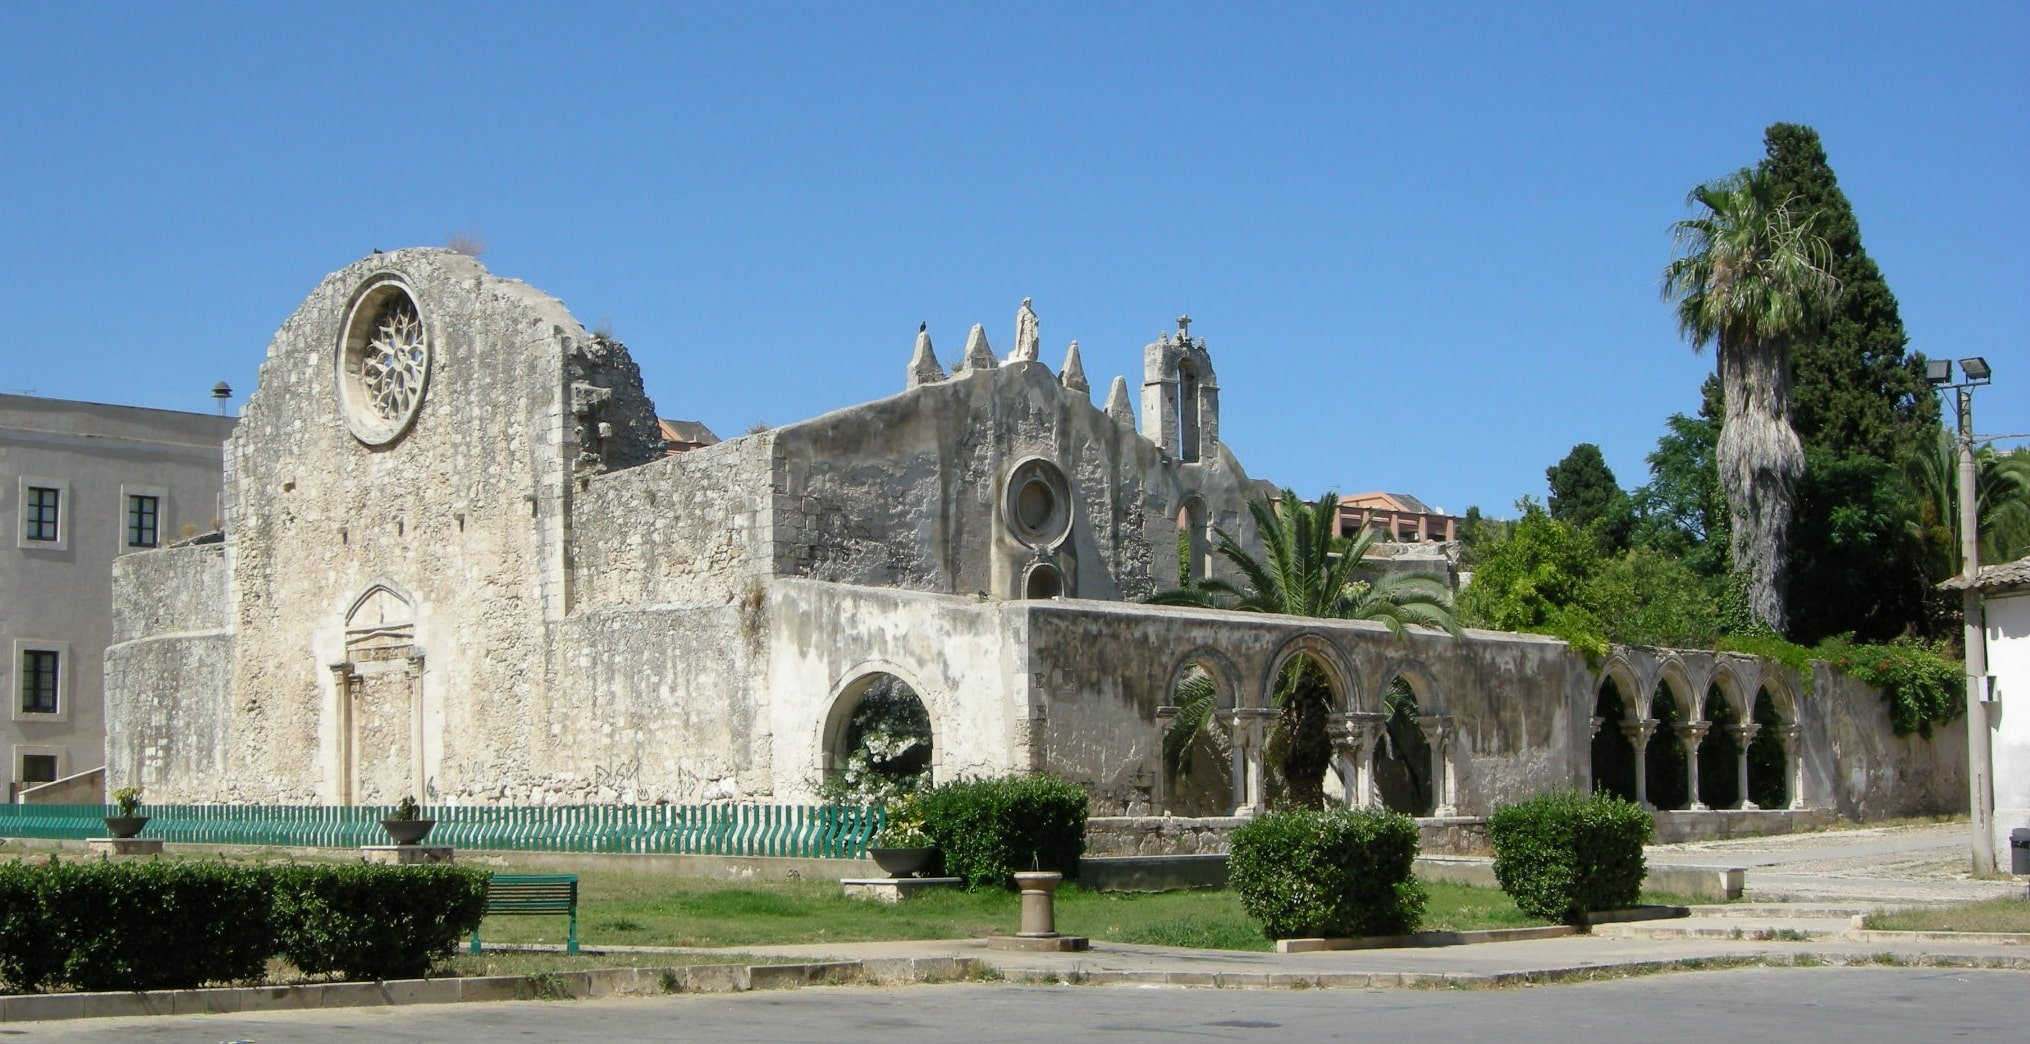 Chiesa di San Giovanni antica in pietra a Siracusa, Sicilia